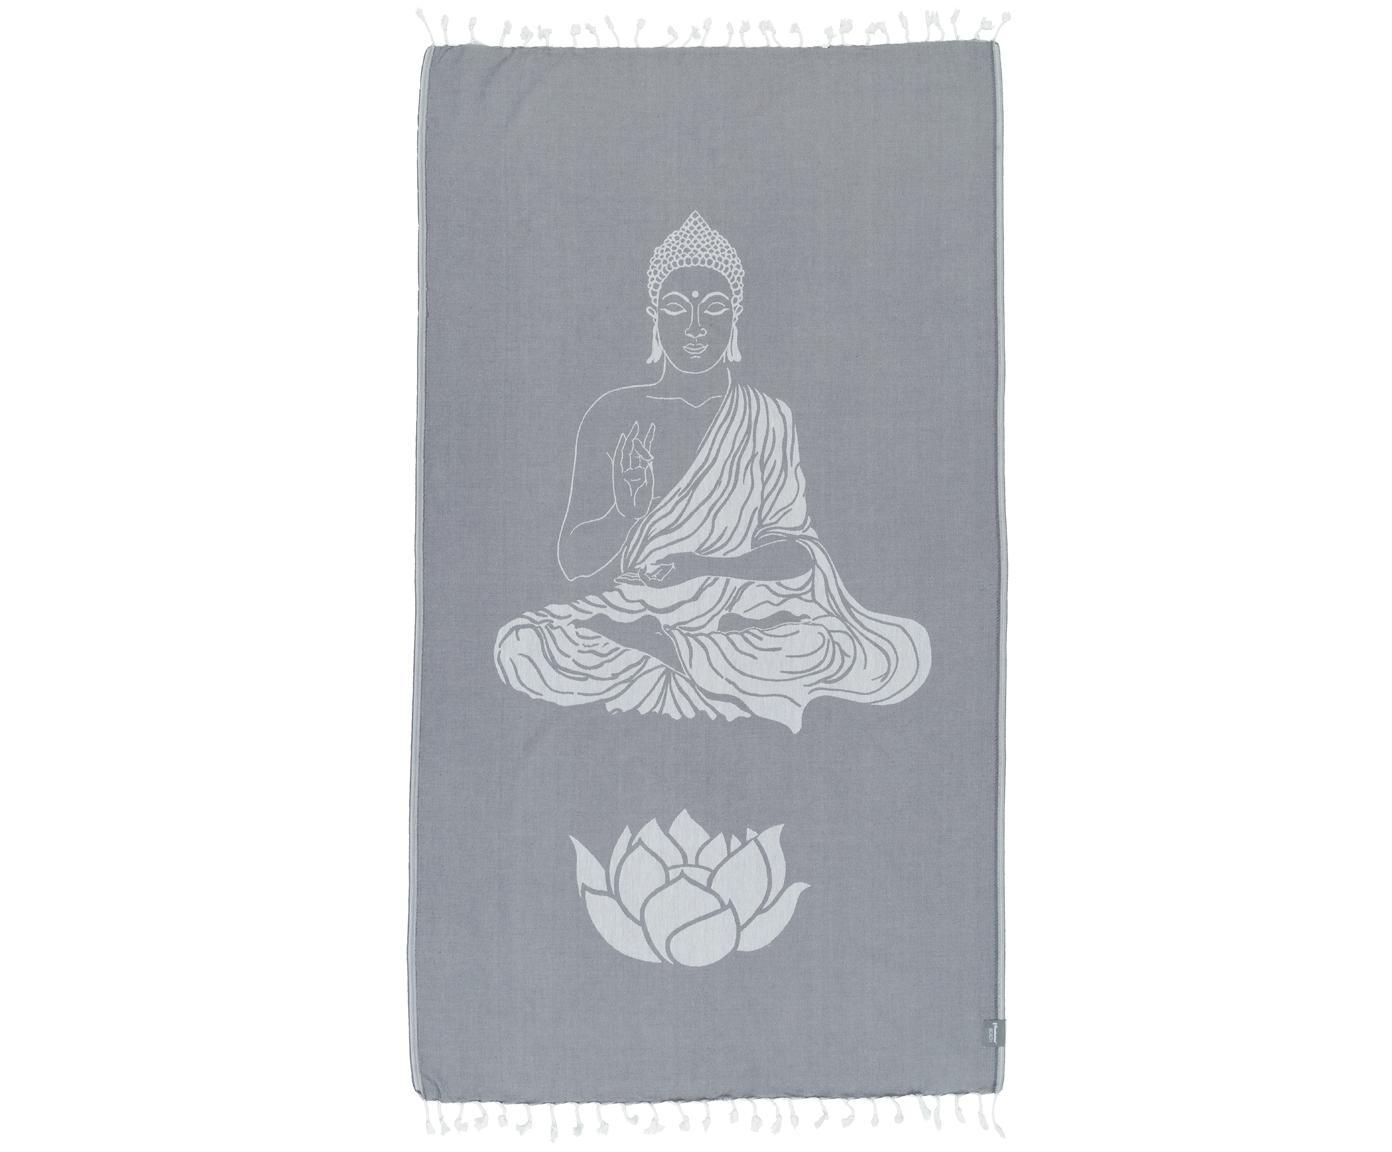 Hamamtuch Buddha, 100% Baumwolle, leichte Qualität, 180 g/m², Grau, Gebrochenes Weiß, 90 x 180 cm